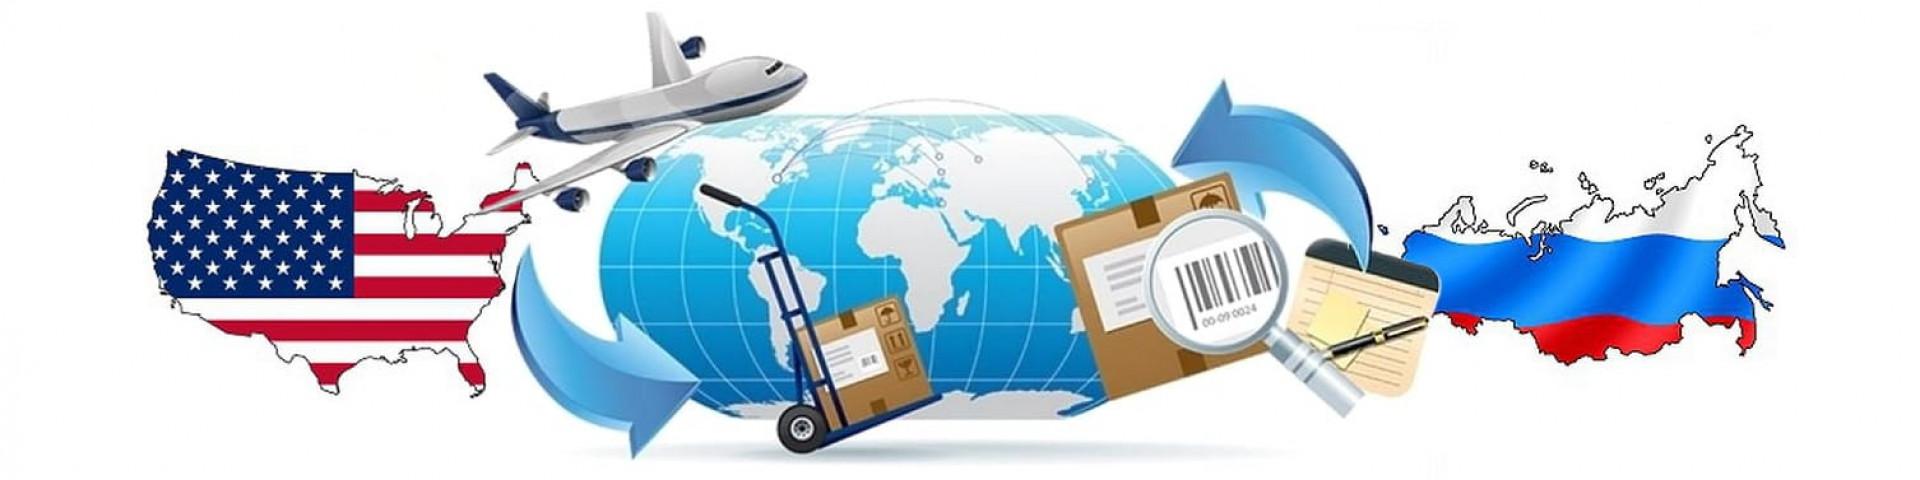 Быстрее не бывает: топ-рейтинг лучших сервисов доставки из США в Россию 2021 года